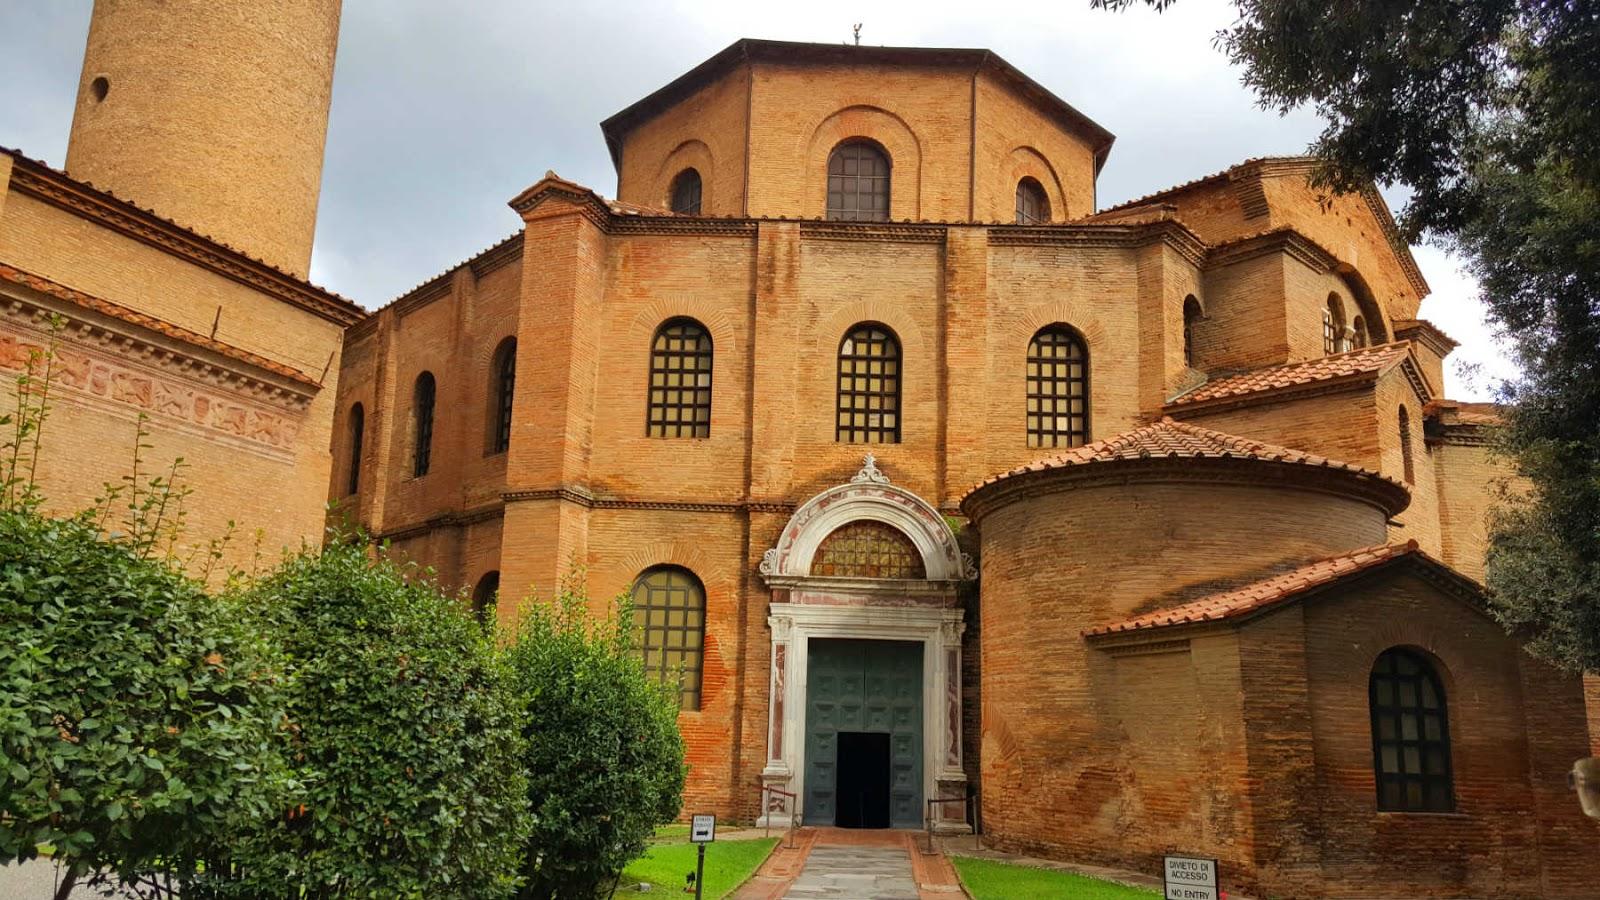 Basílica de San Vitale, Ravenna, Itália.